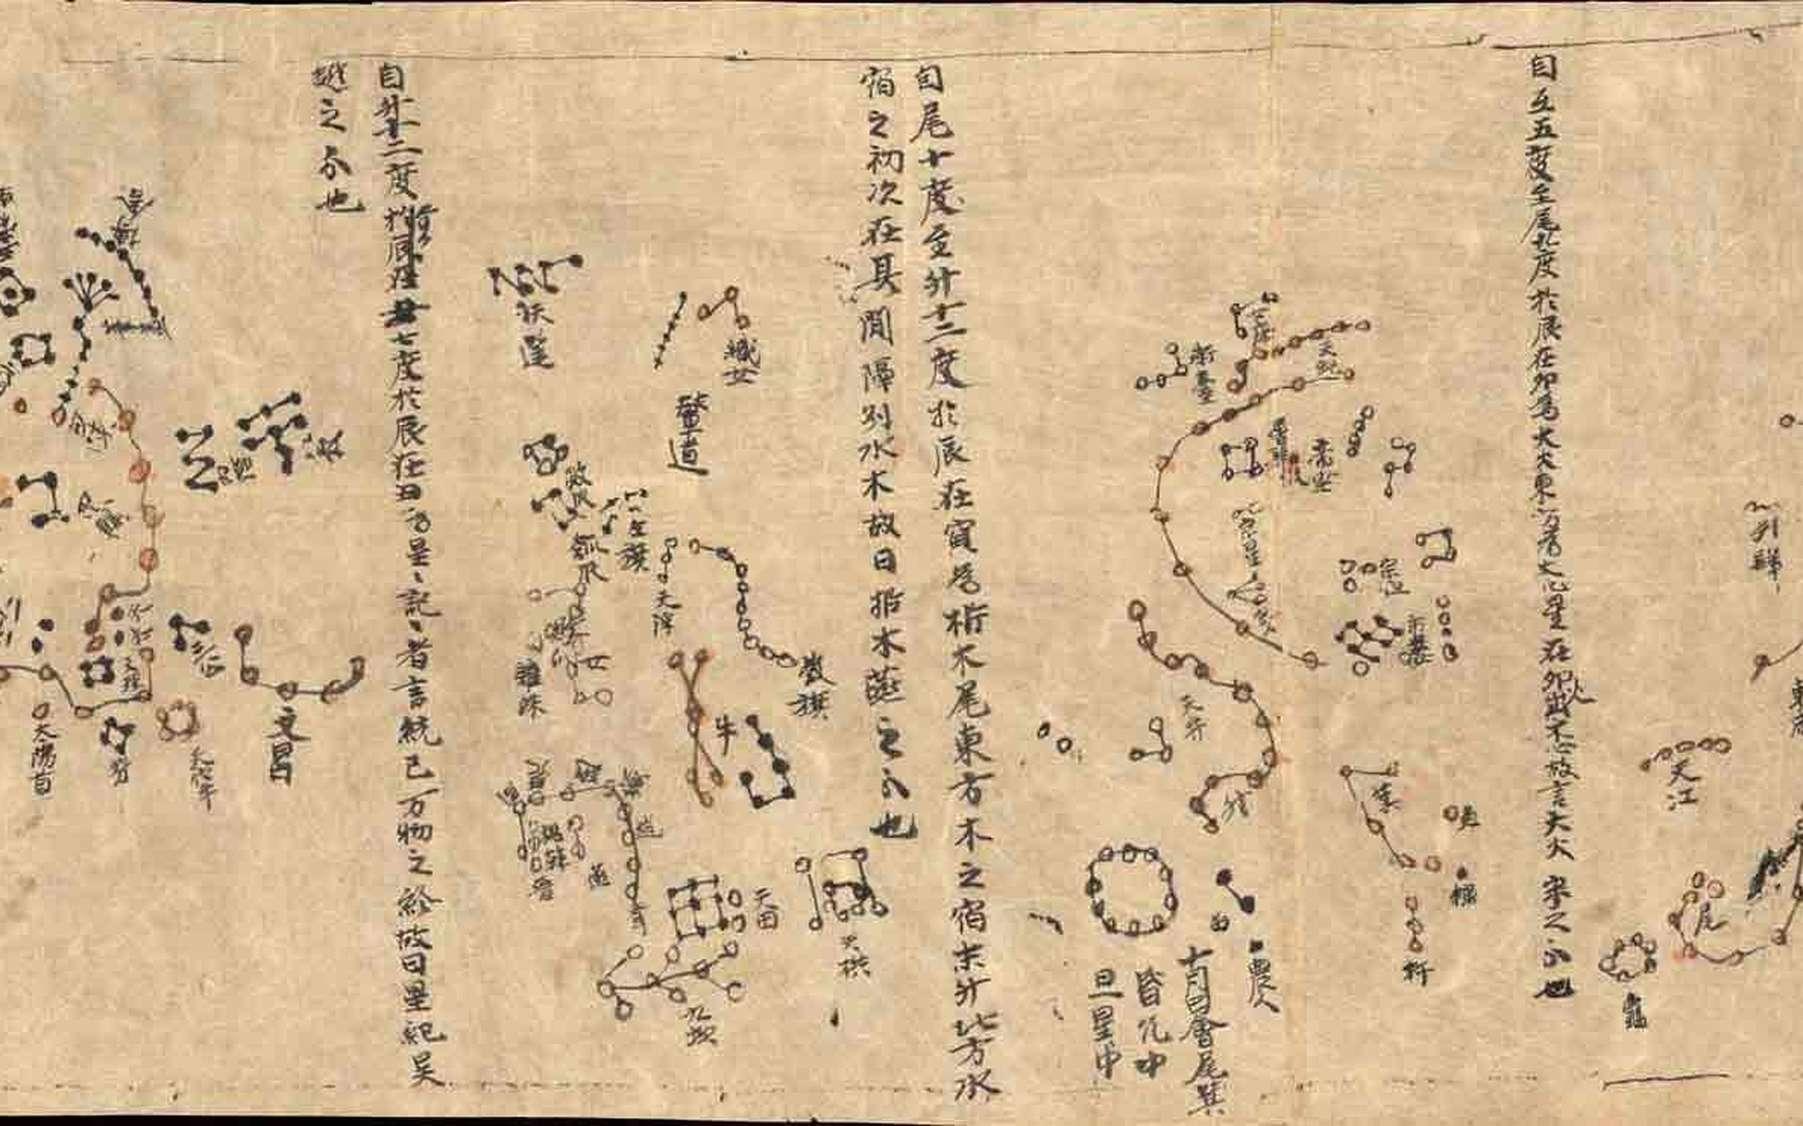 Une partie de l'atlas céleste de Dunhuang avec, de gauche à droite, la carte circulaire autour de l'étoile polaire suivie de trois des douze panneaux rectangulaires qui représentent les constellations. Crédit British Library